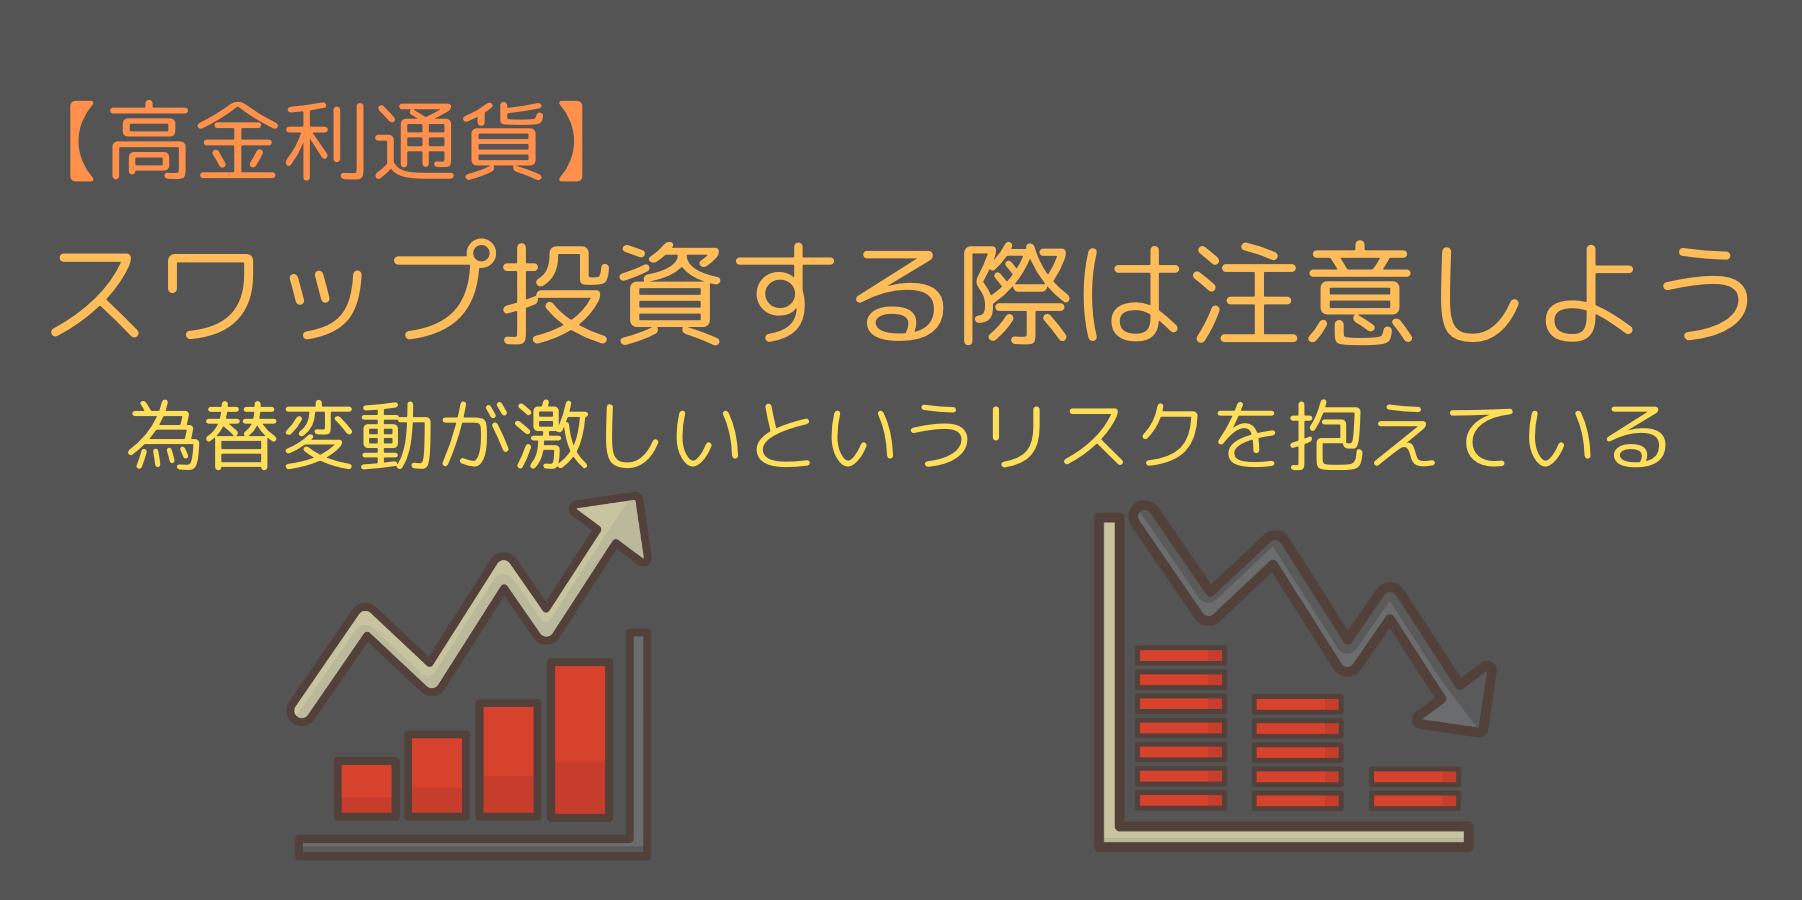 高金利通貨に投資する注意点